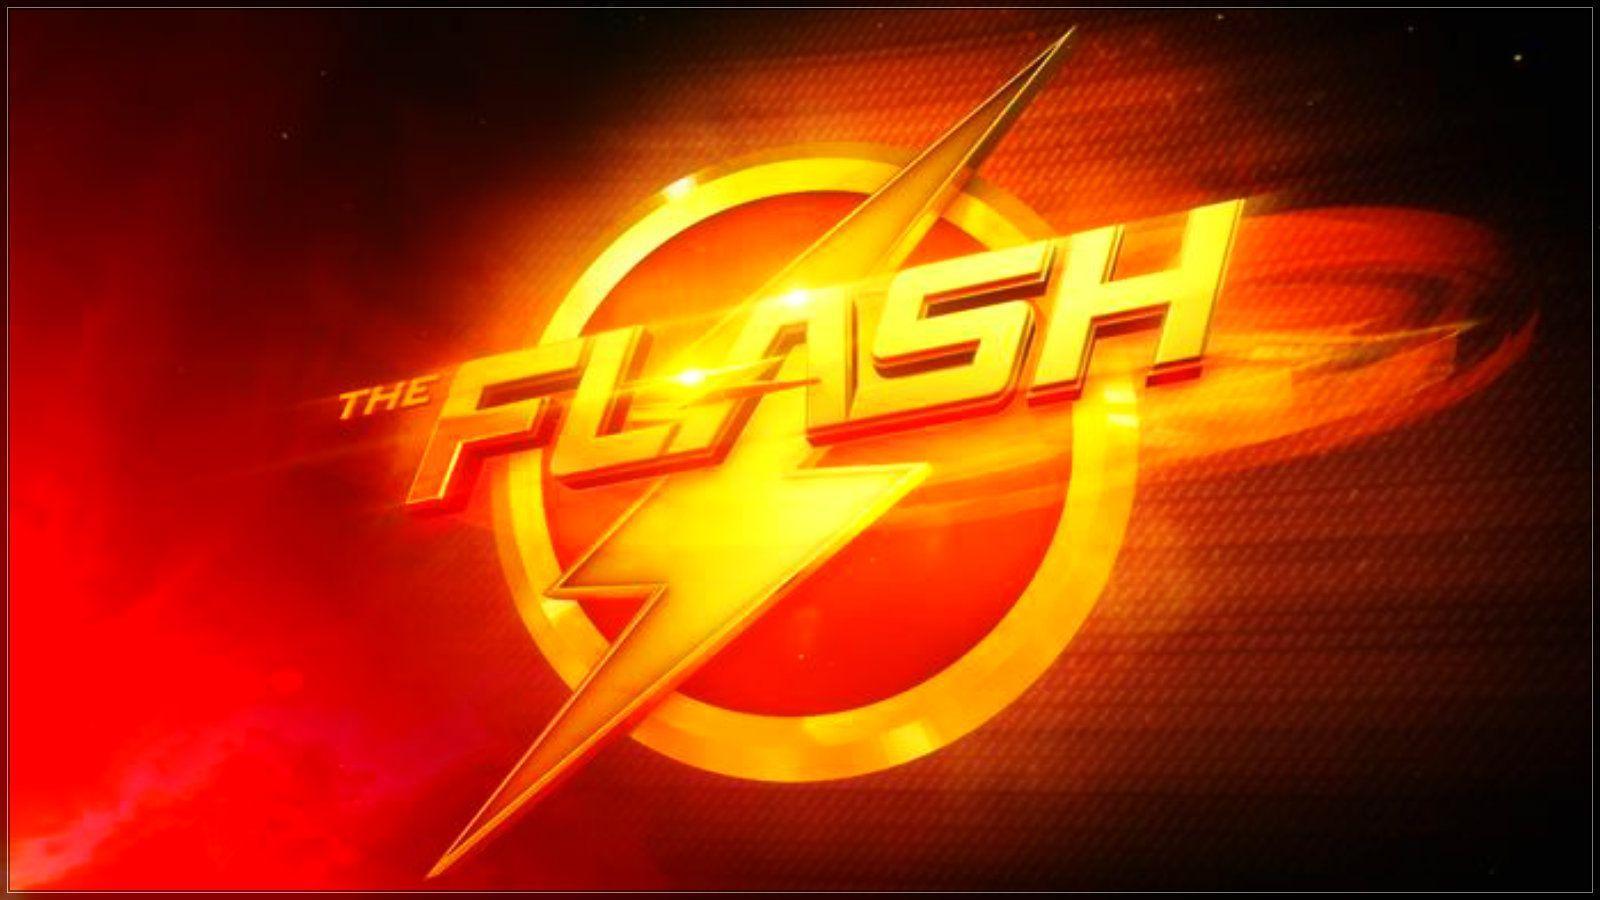 The Flash CW Zoom Wallpaper - WallpaperSafari